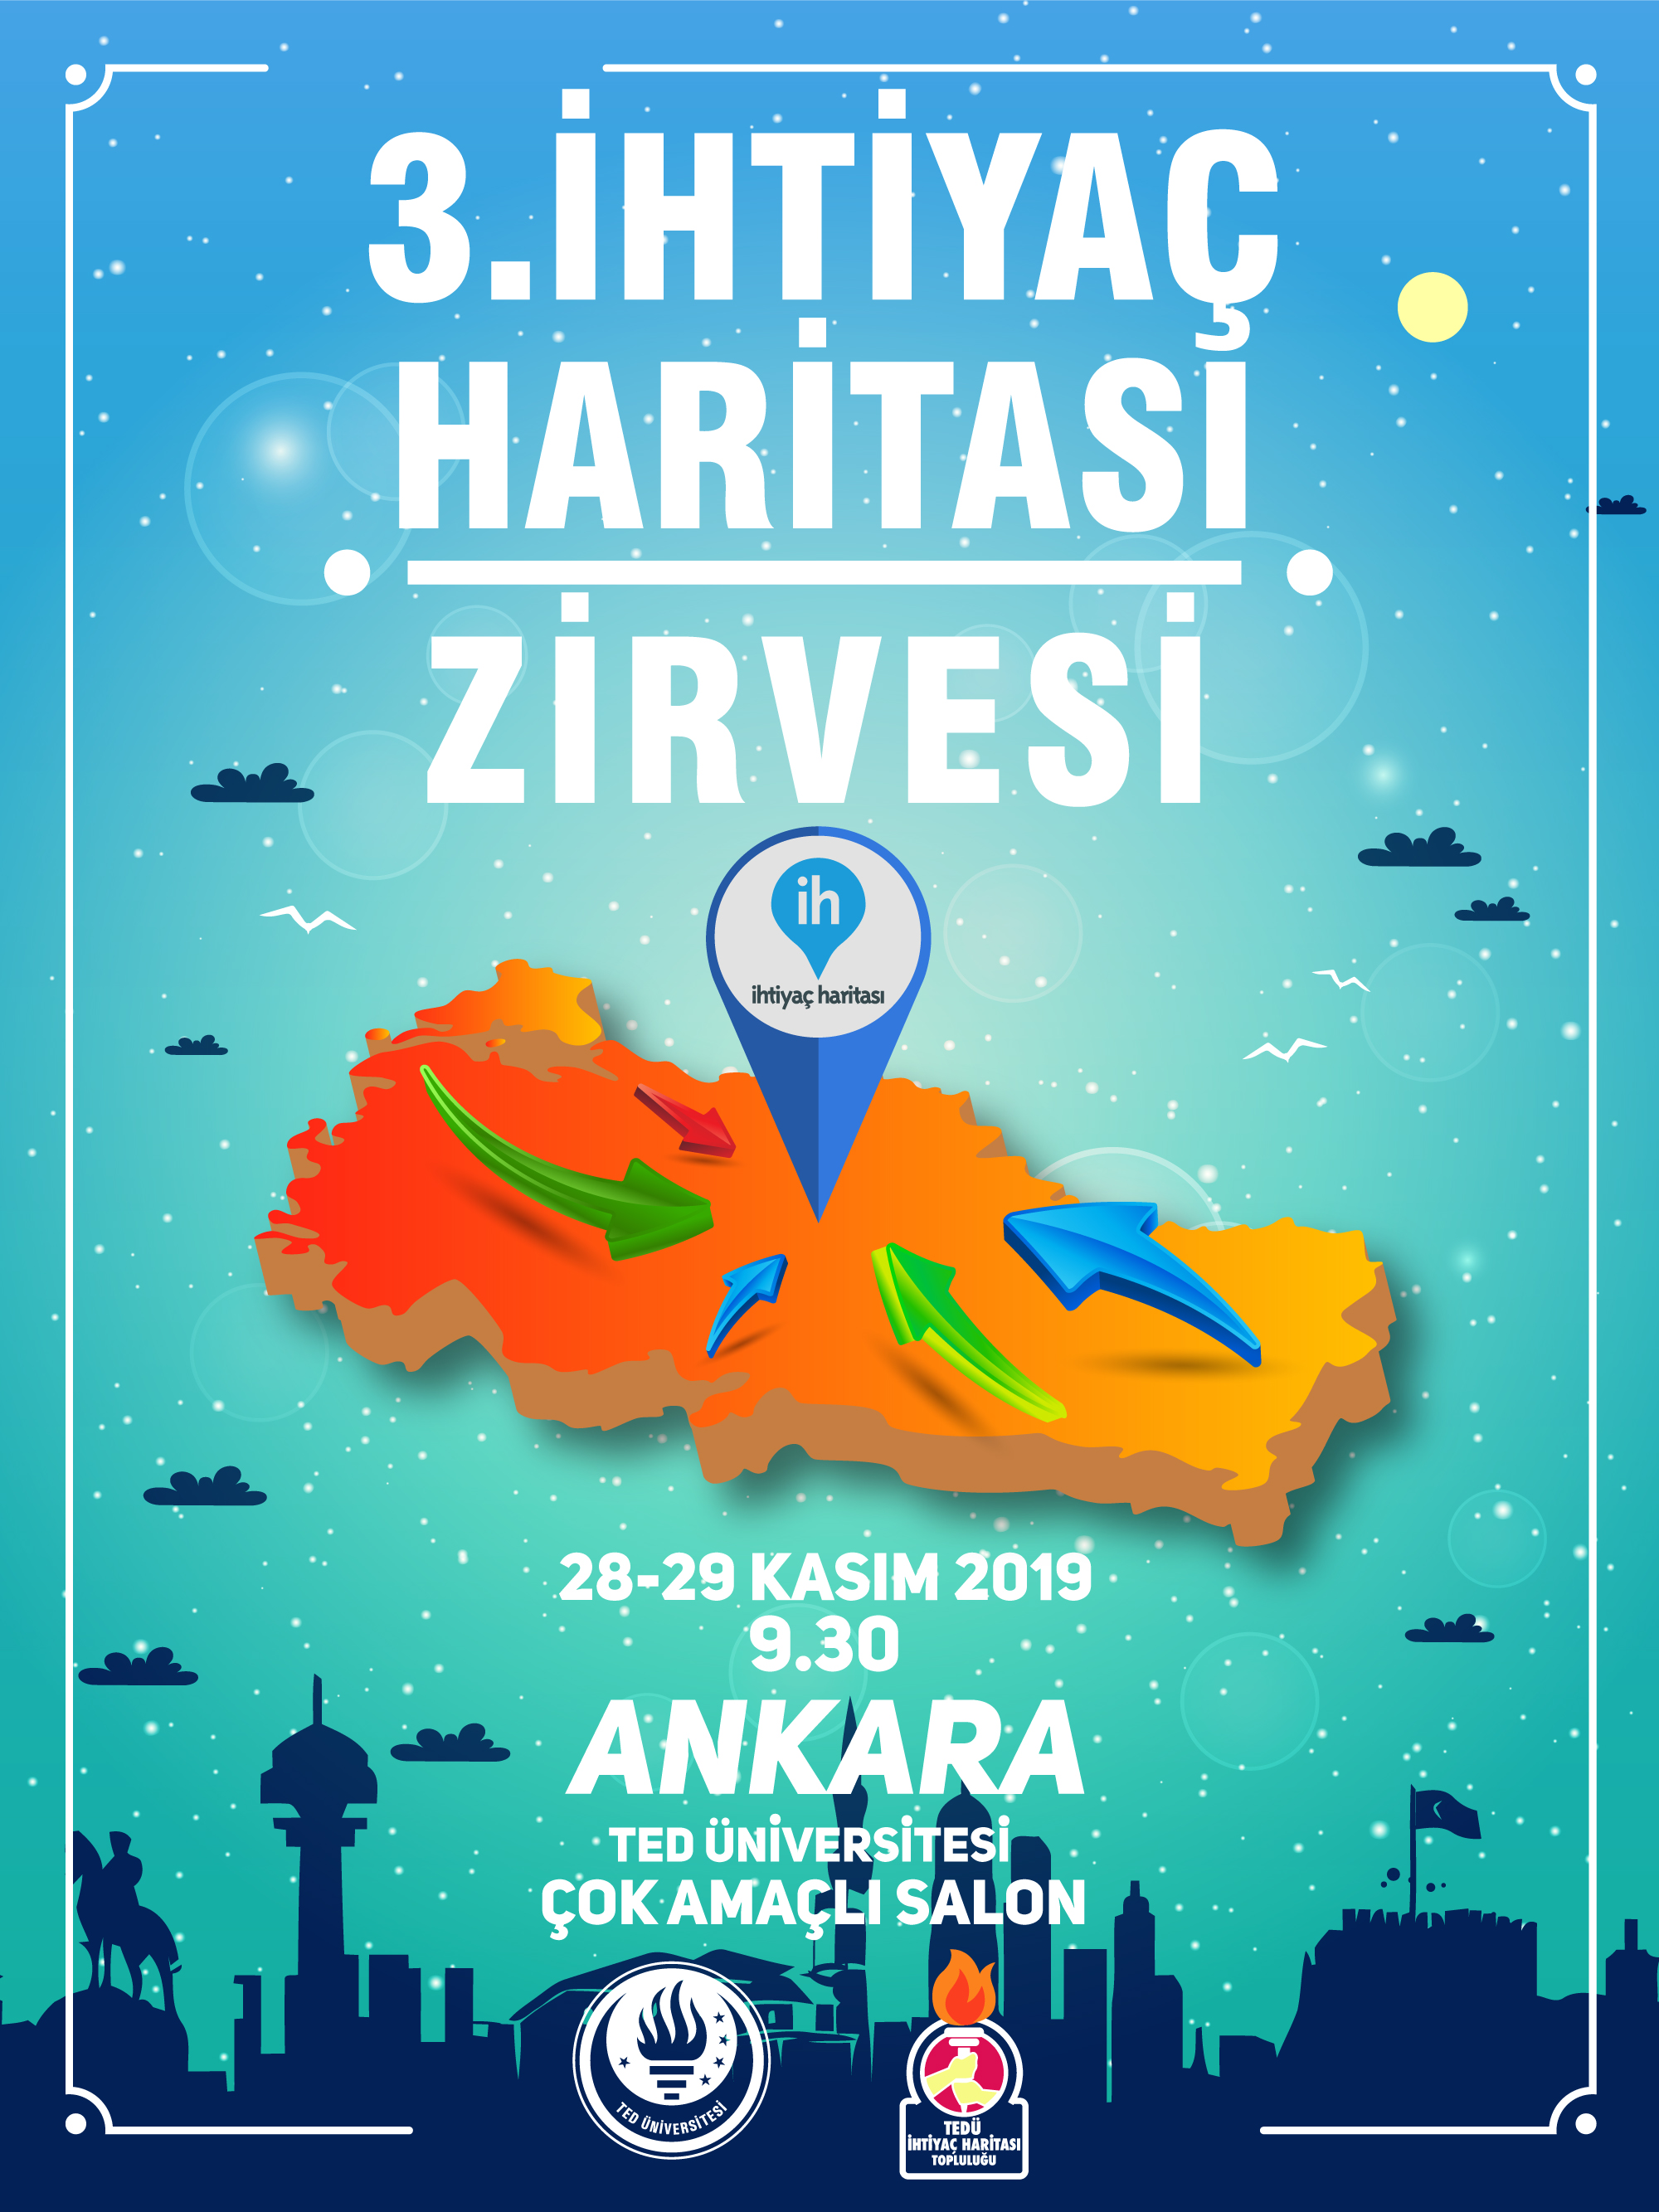 İhtiyaç Haritası Zirvesi, 28-29 Kasım tarihleri arasında Ankara'da gerçekleşecek!